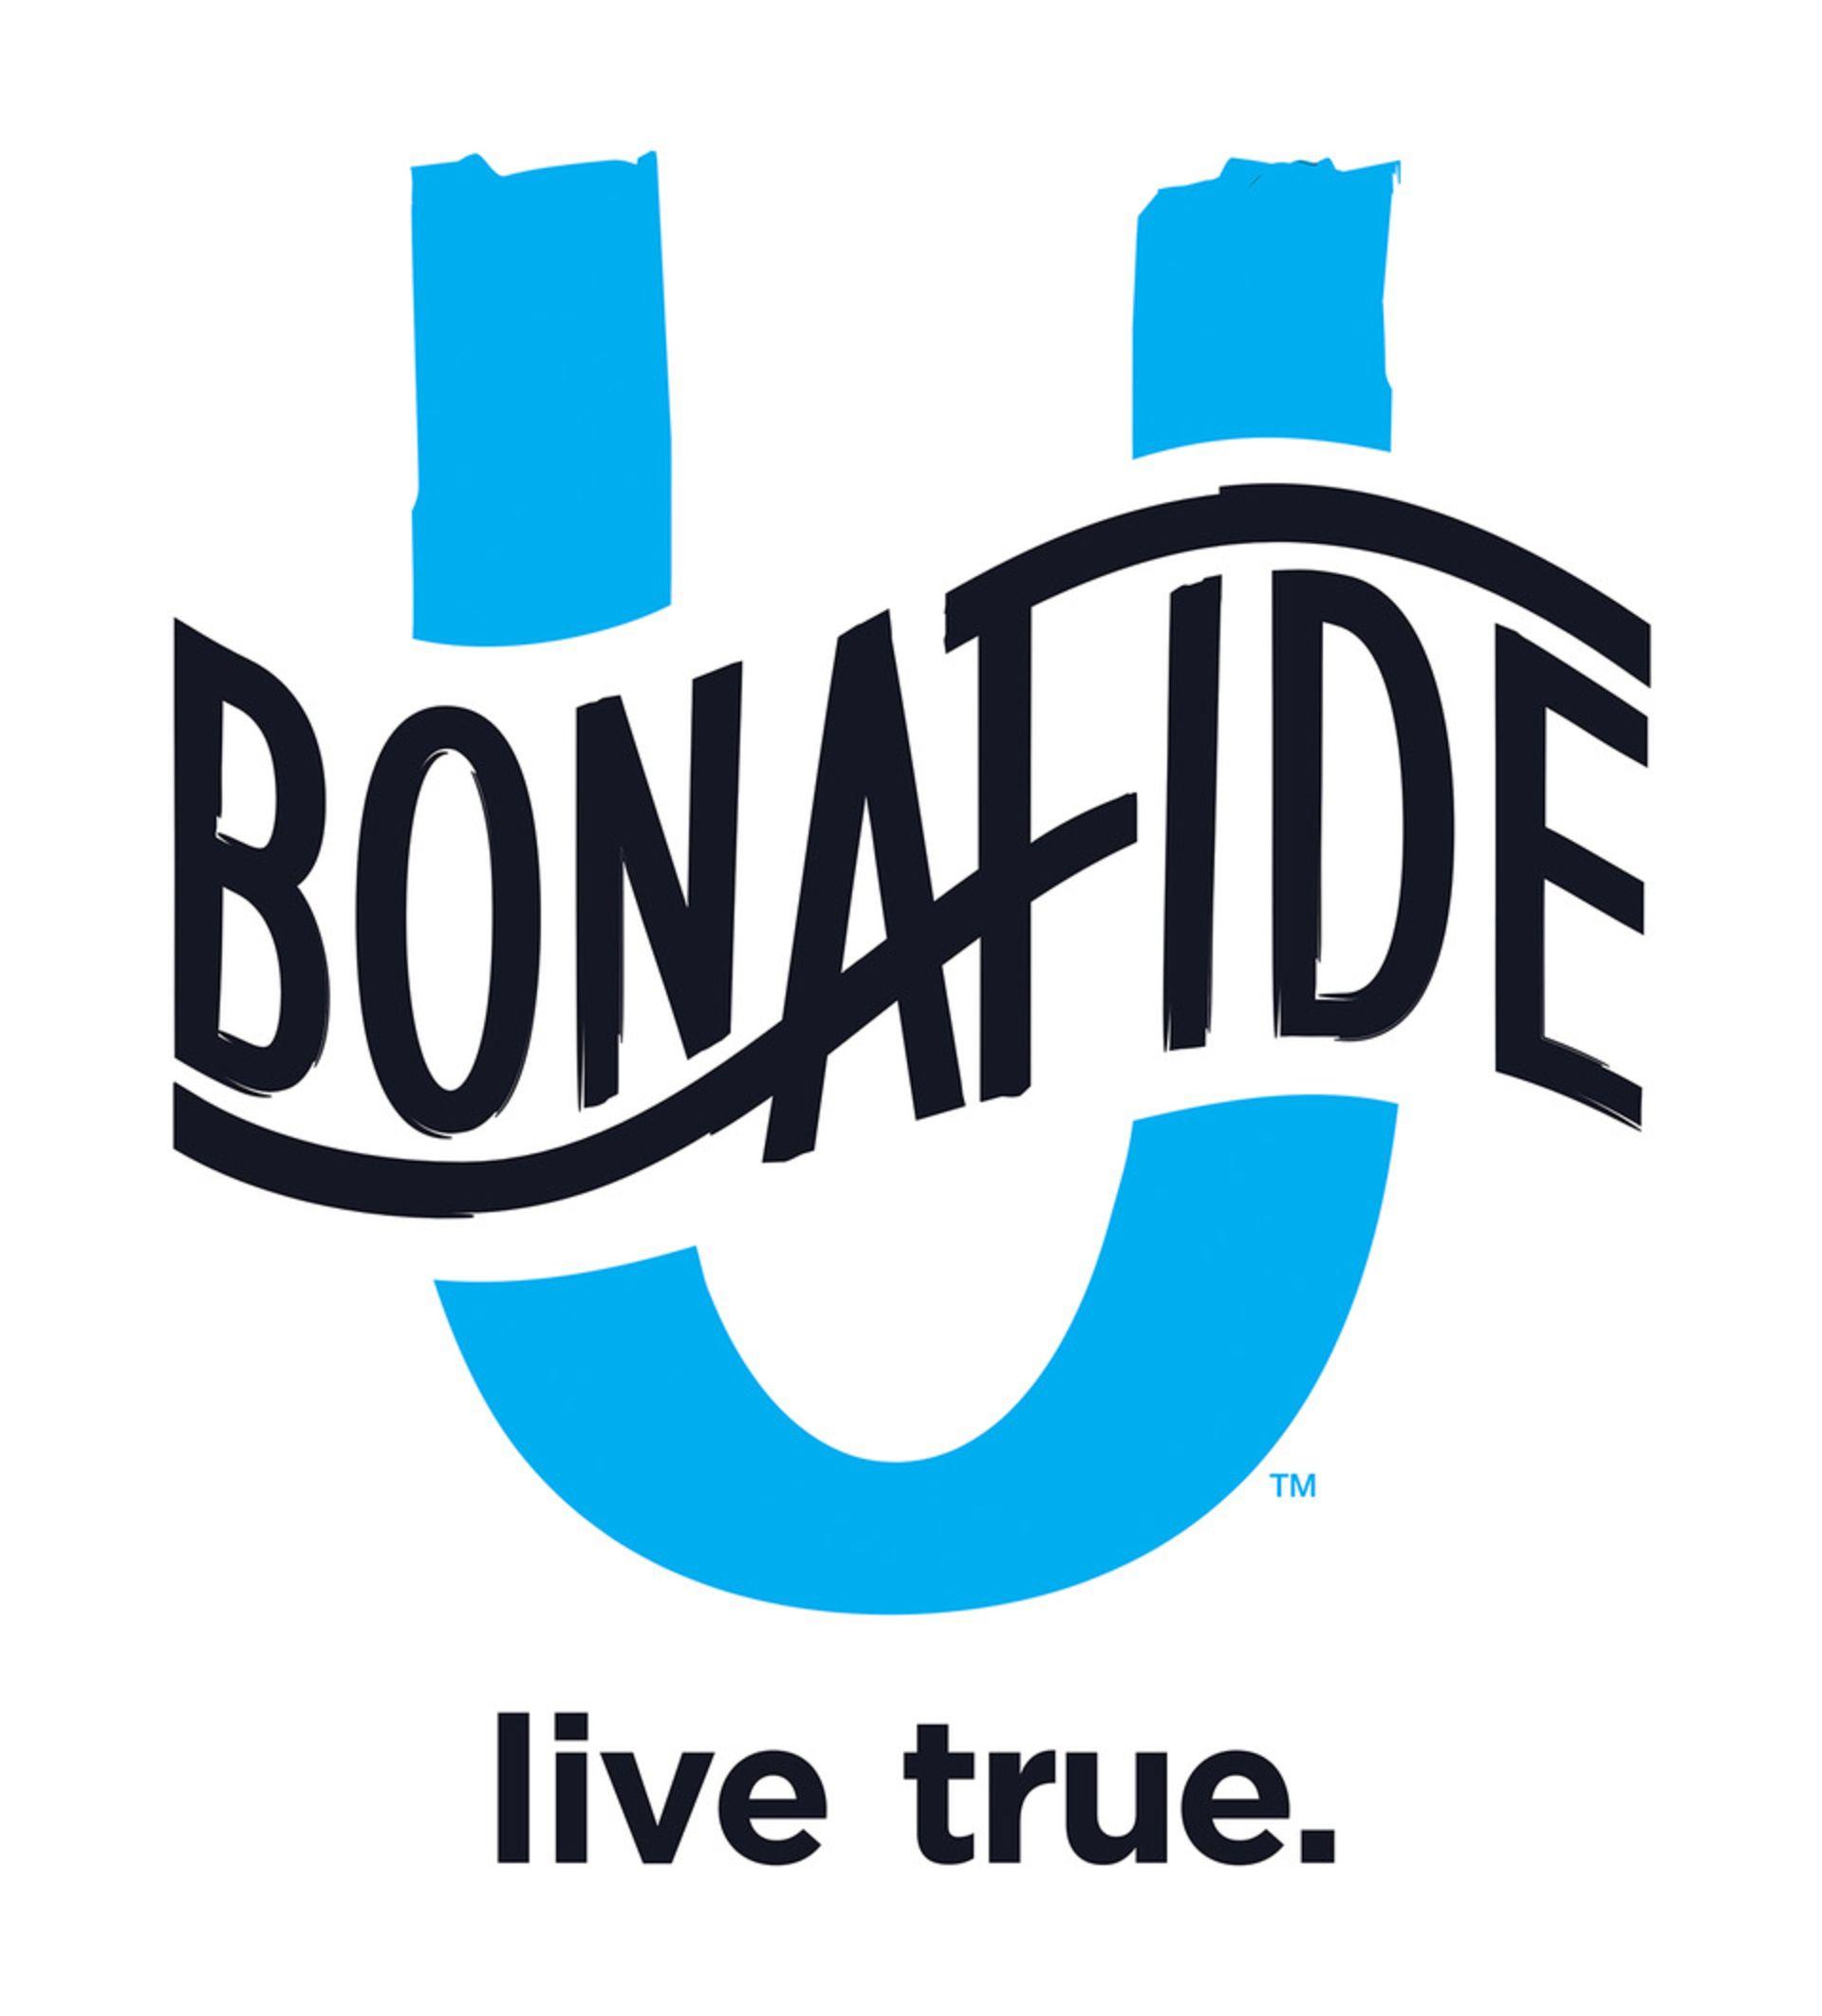 BonafideU Scholarship – Timmy & Adam